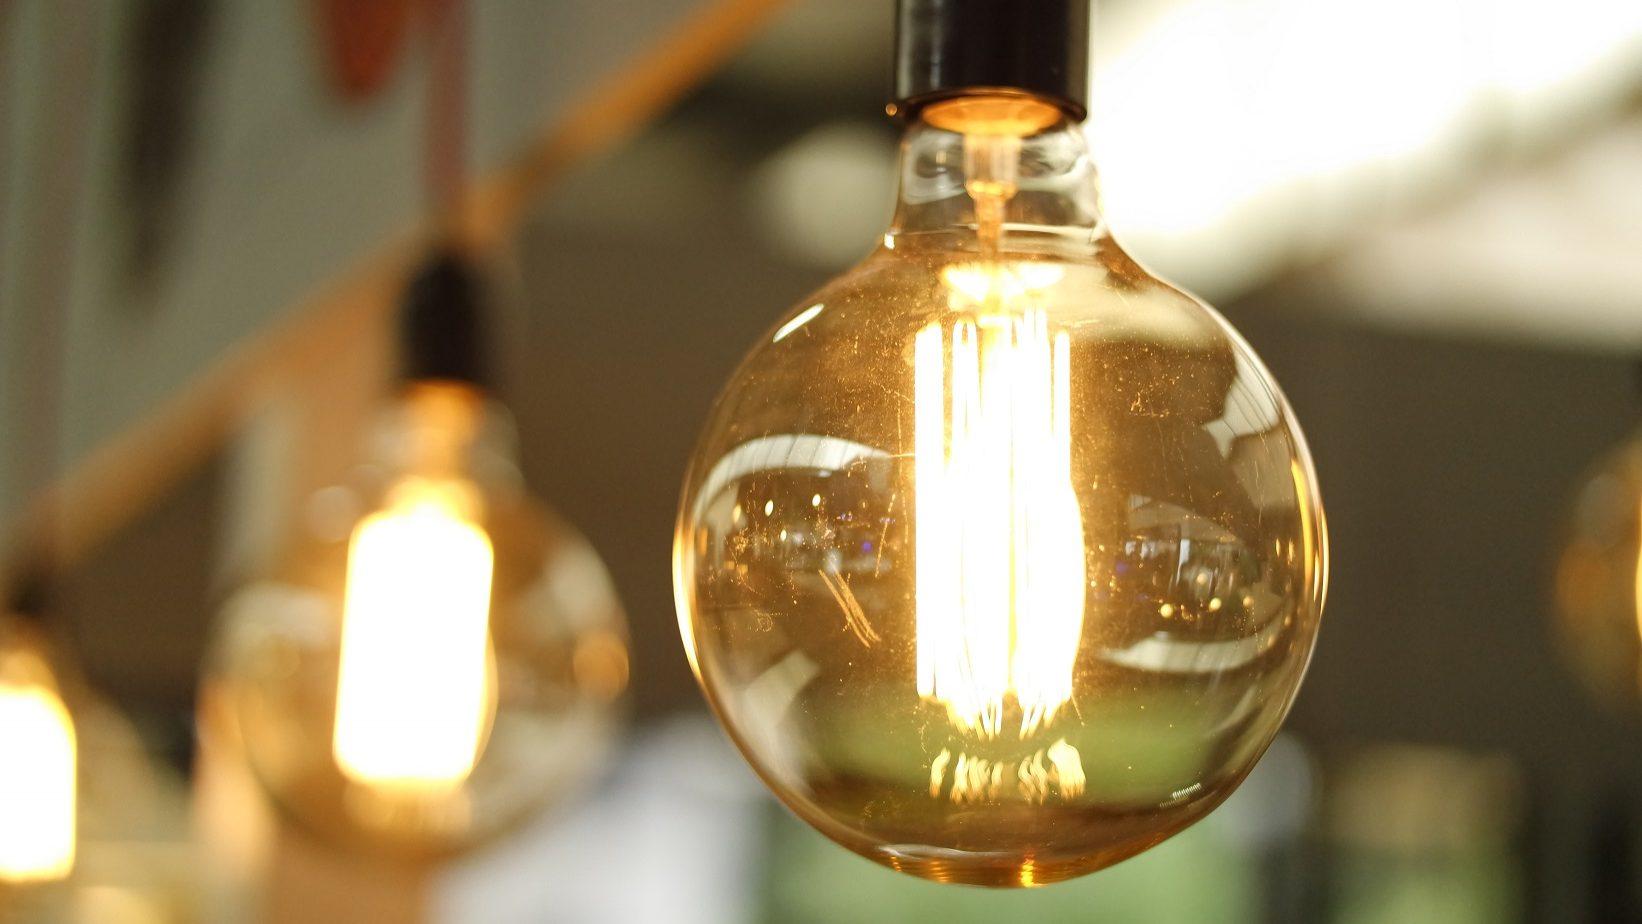 Redução da taxa de IVA da energia custa 500 milhões de euros